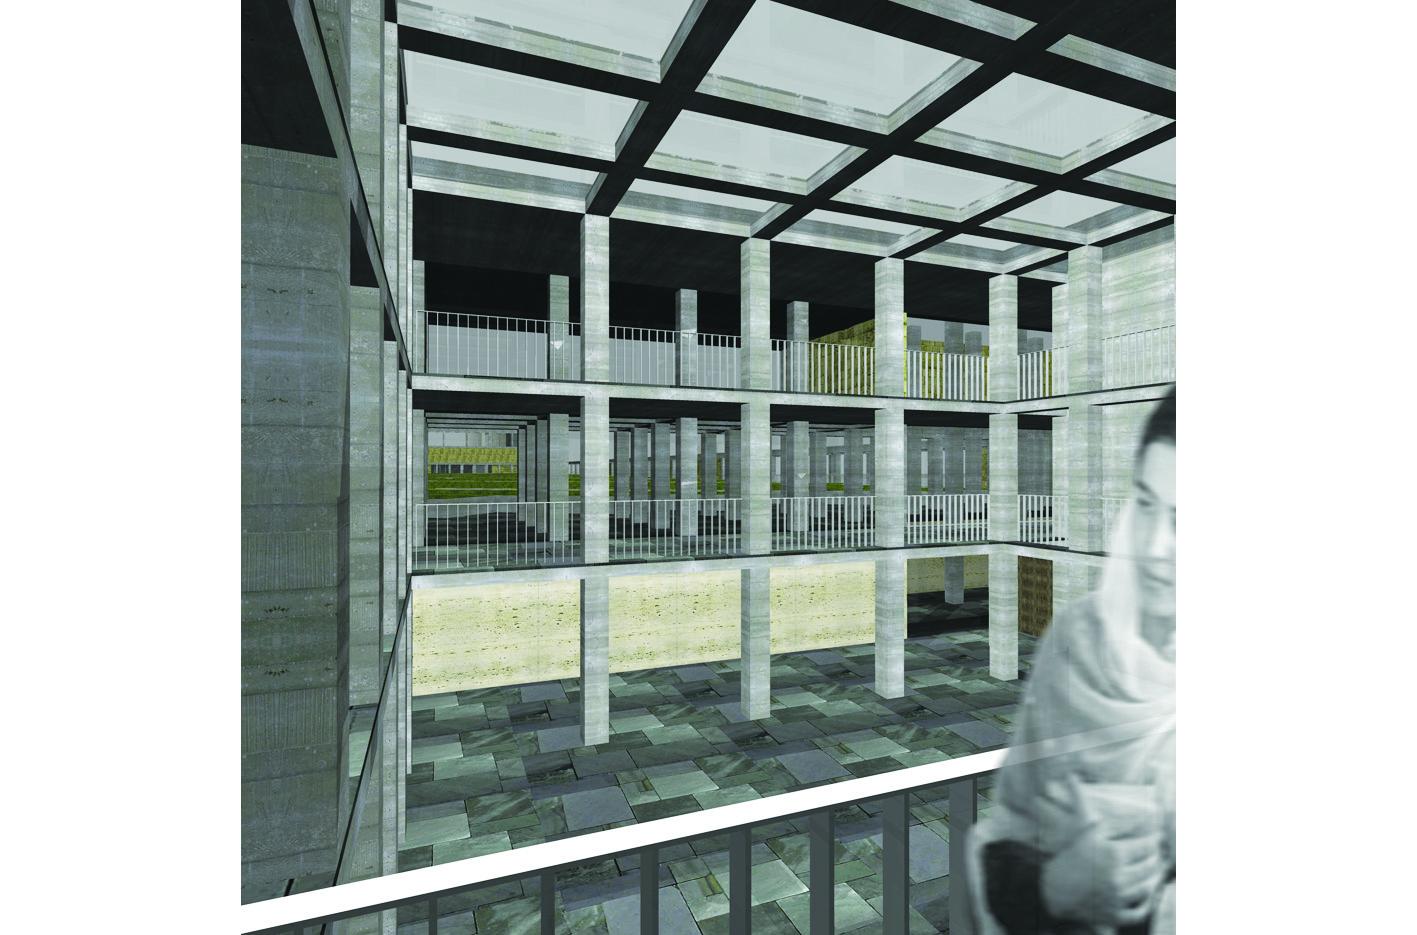 Islamitische Begraafplaats Amsterdam West academie van Bouwkunst Atelier PUUUR furkan Köse Erasmuspark omloop  winnaar Archiprix 2005